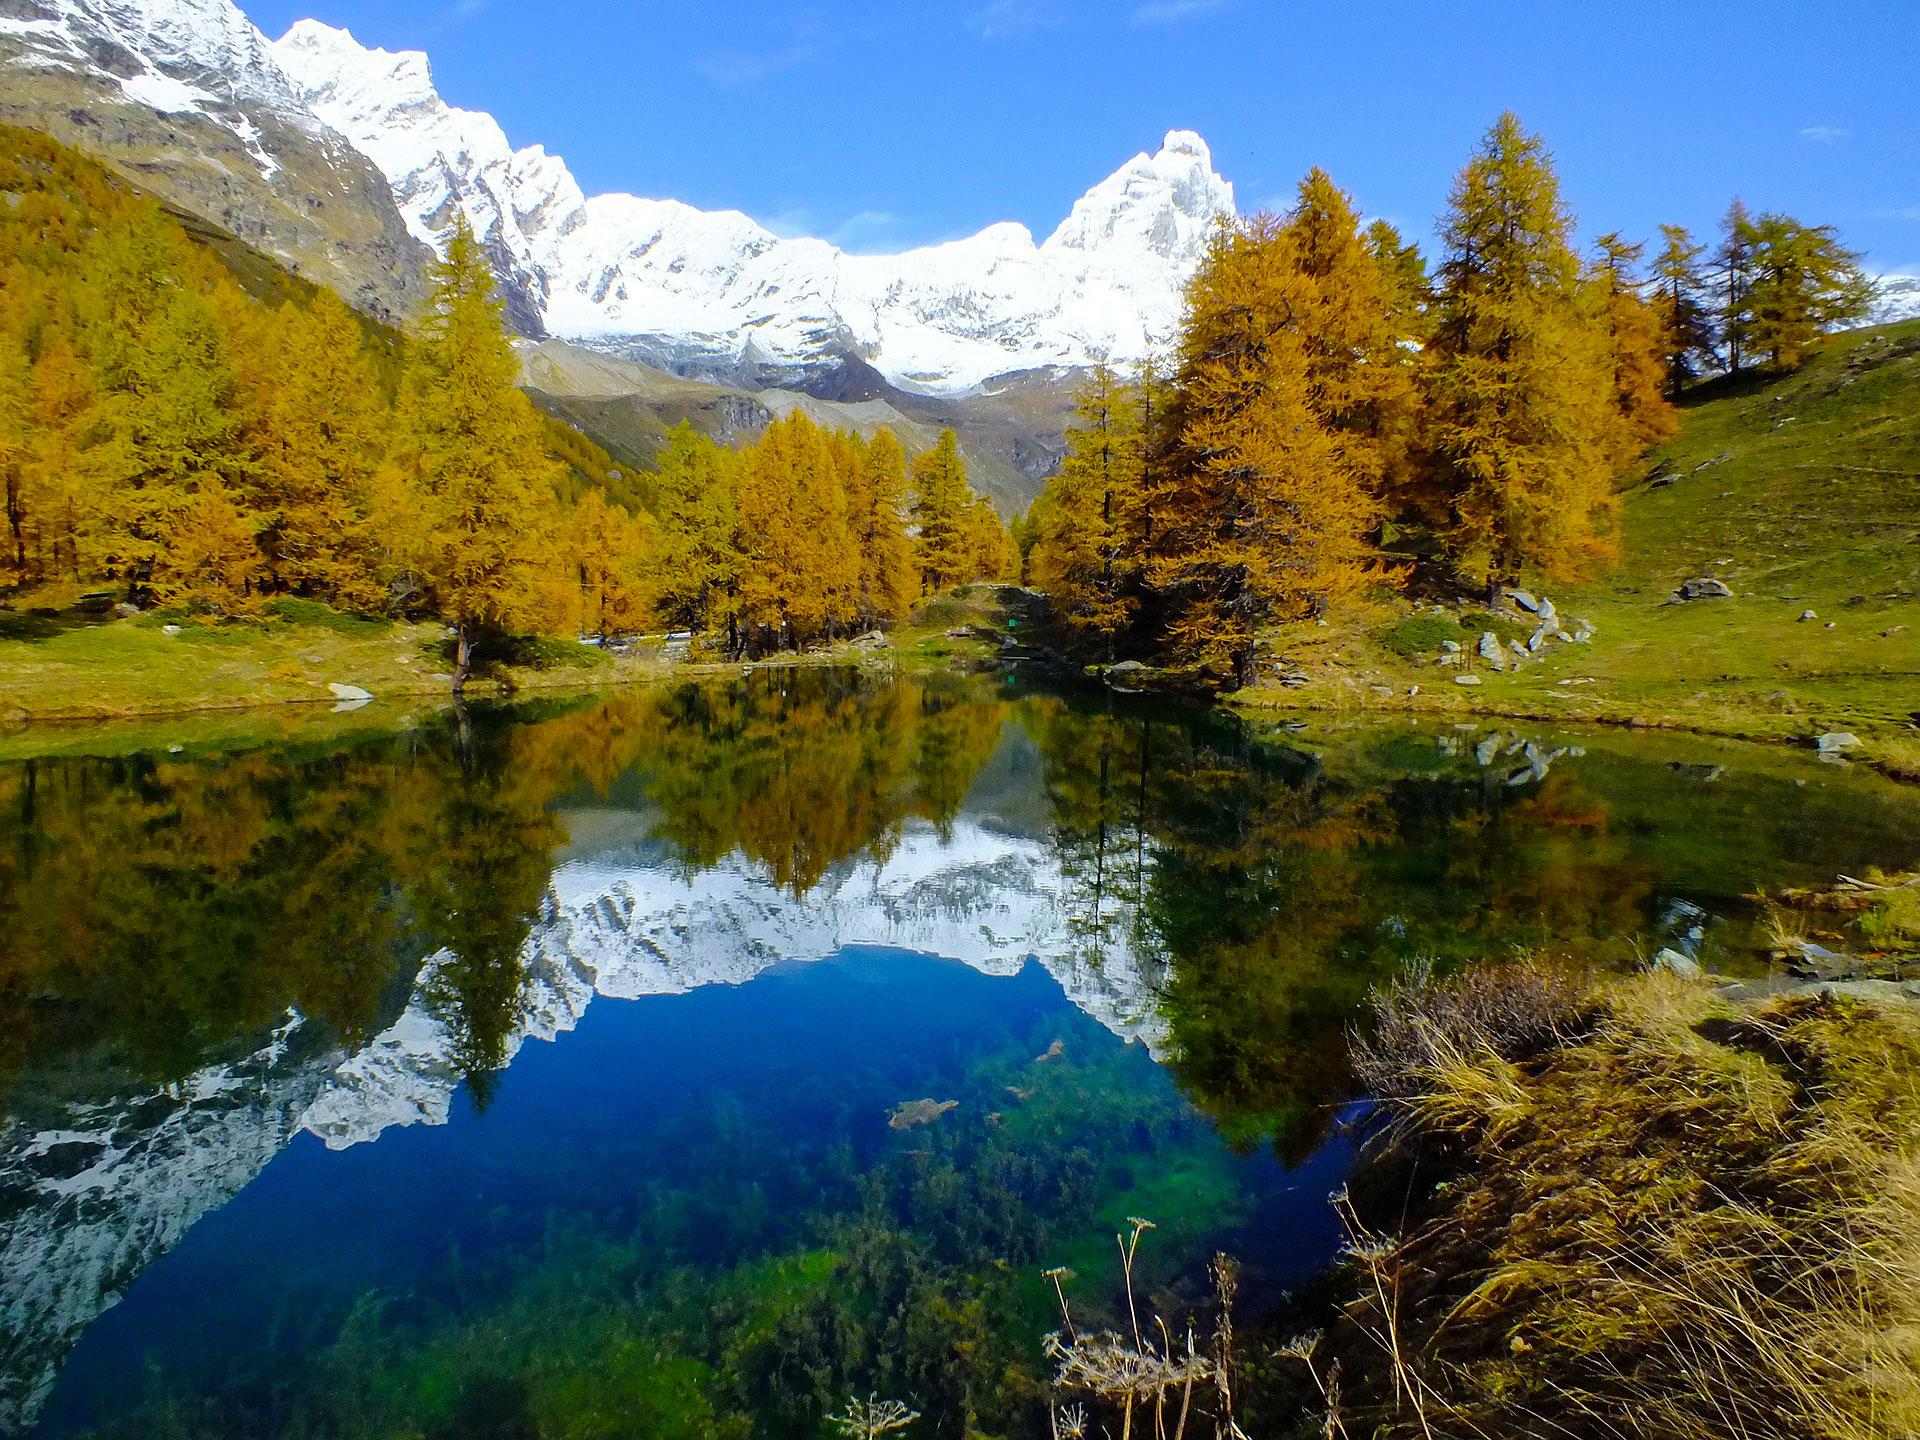 Valle Aosta, Aostatal, Vallee Aoste, Valle de Aosta